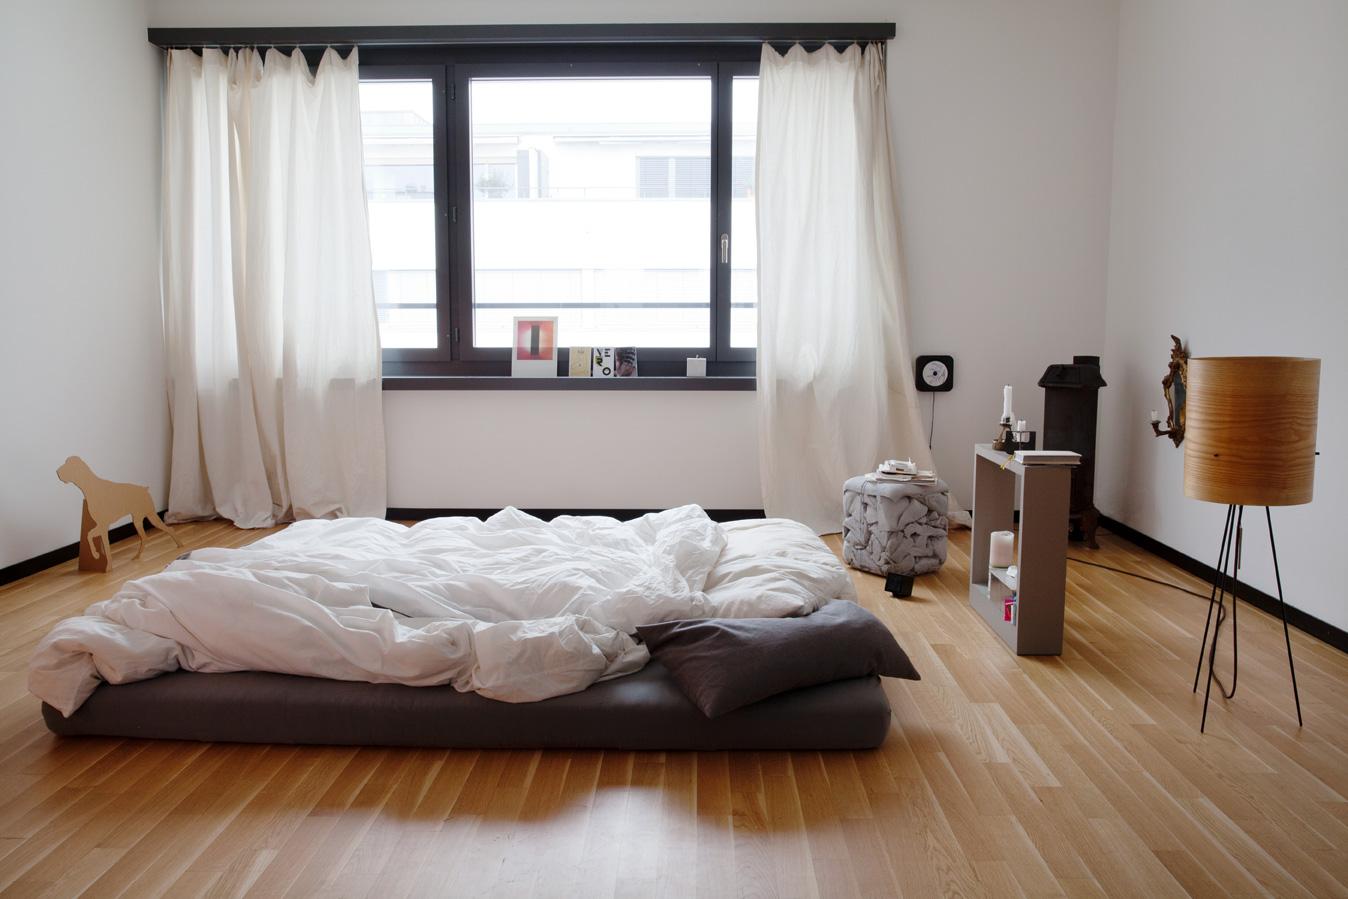 wohnzimmer schwarz wei. Black Bedroom Furniture Sets. Home Design Ideas